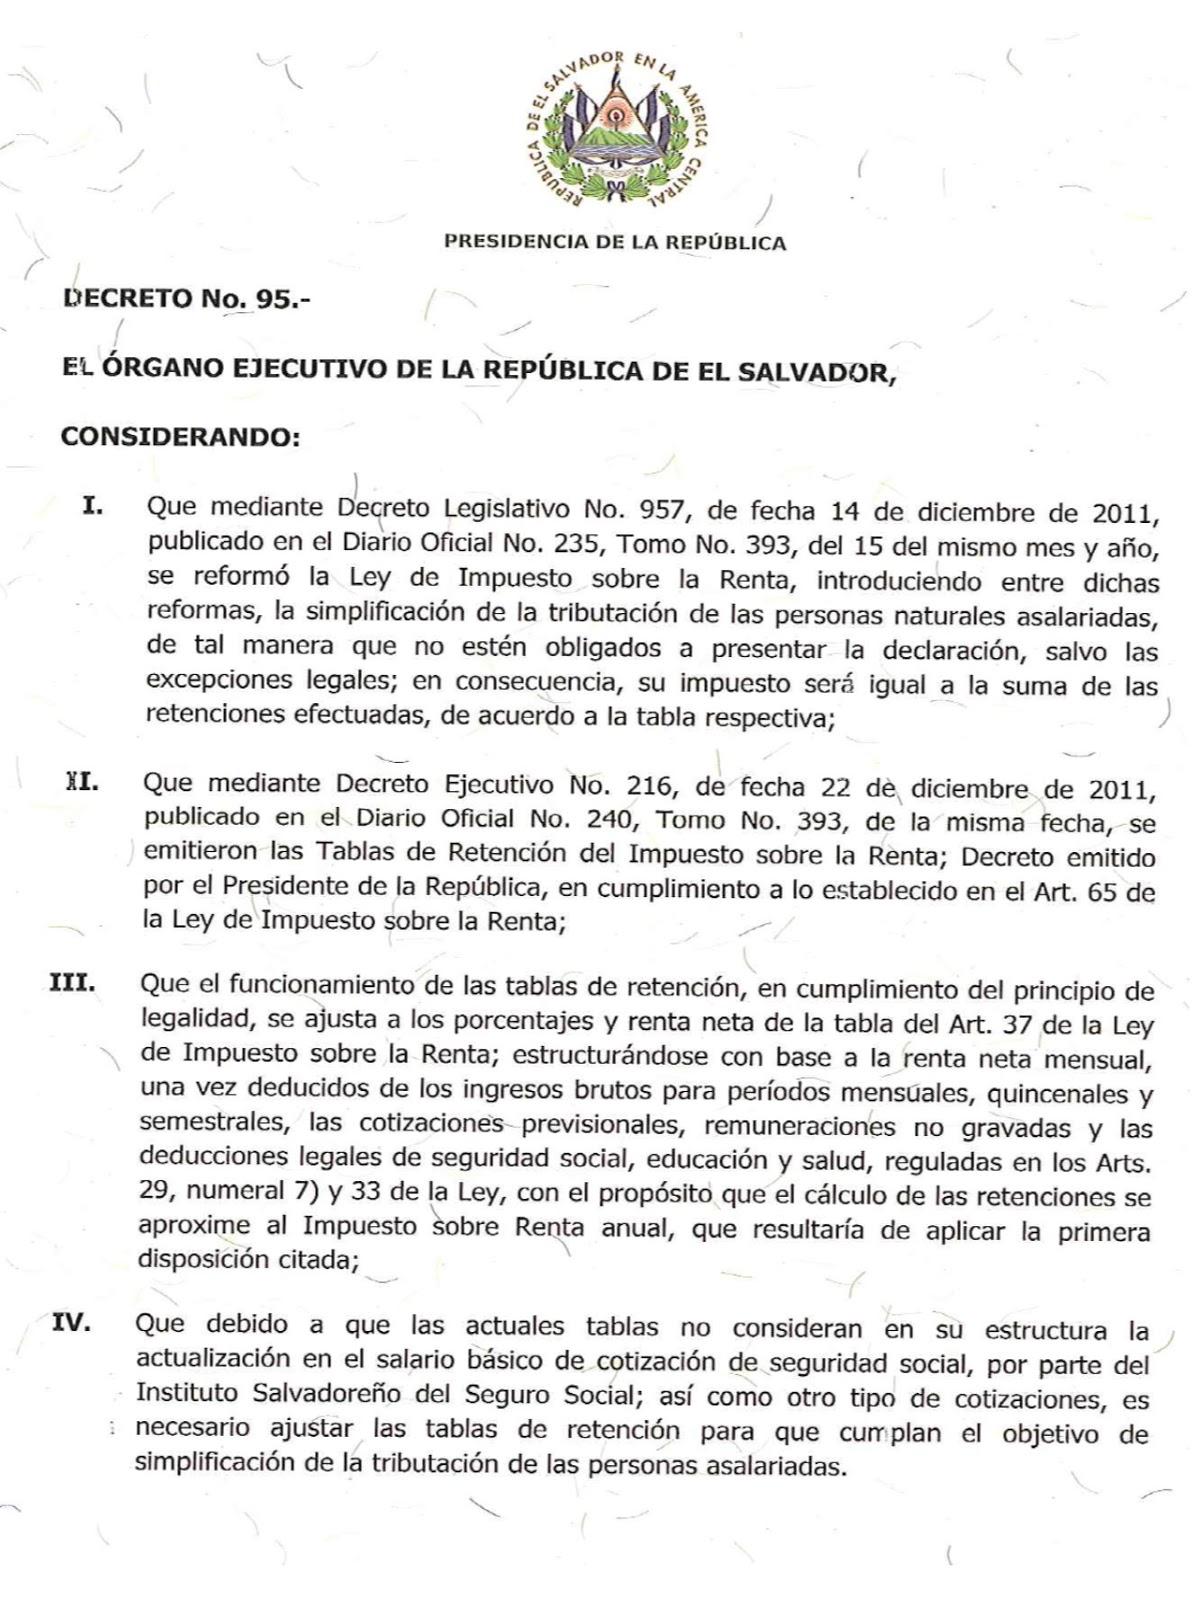 Calculo Renta El Salvador 2016 - Informa-temás